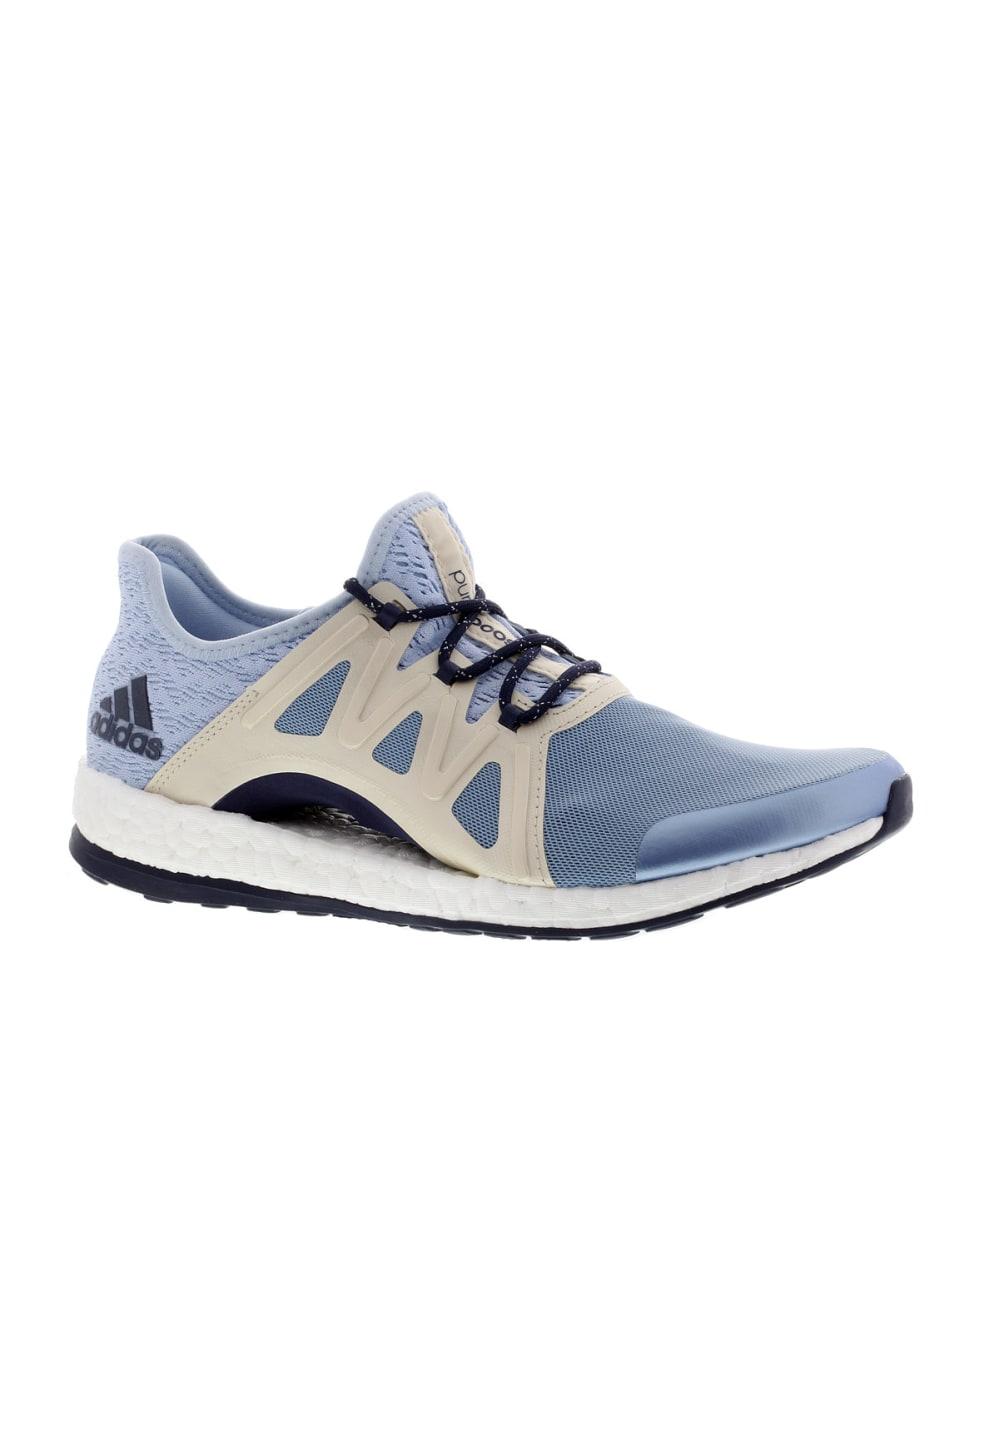 bd388f8e11a39 adidas Pureboost Xpose Clima - Zapatillas de running para Mujer ...